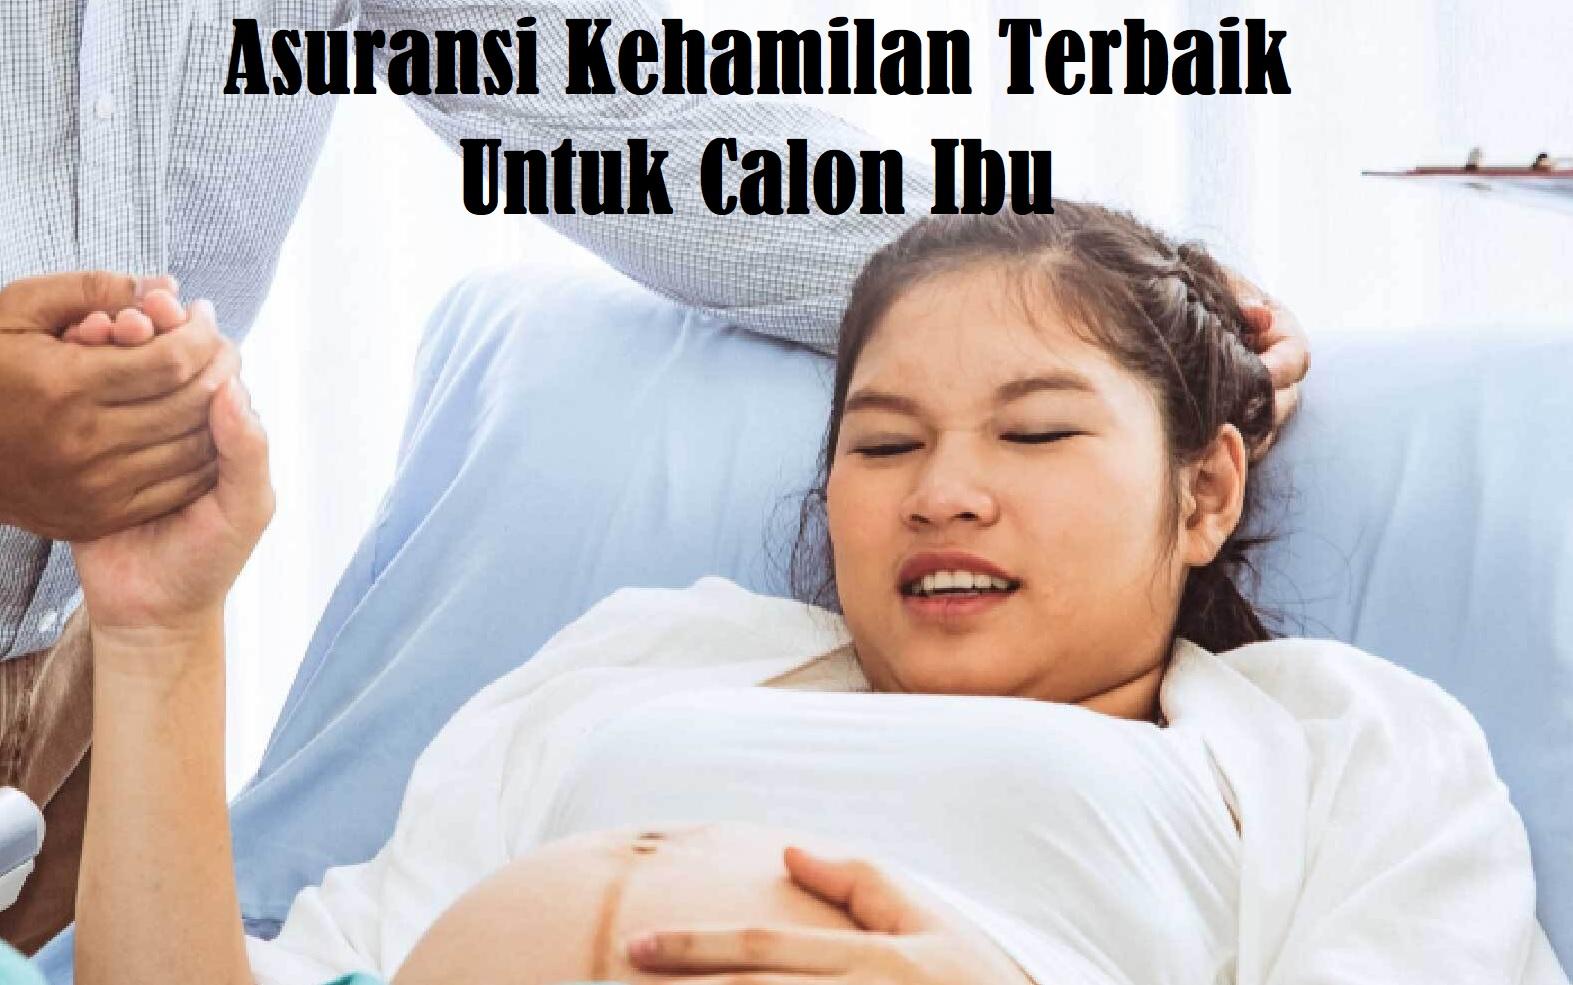 Asuransi Kehamilan Terbaik Untuk Calon Ibu